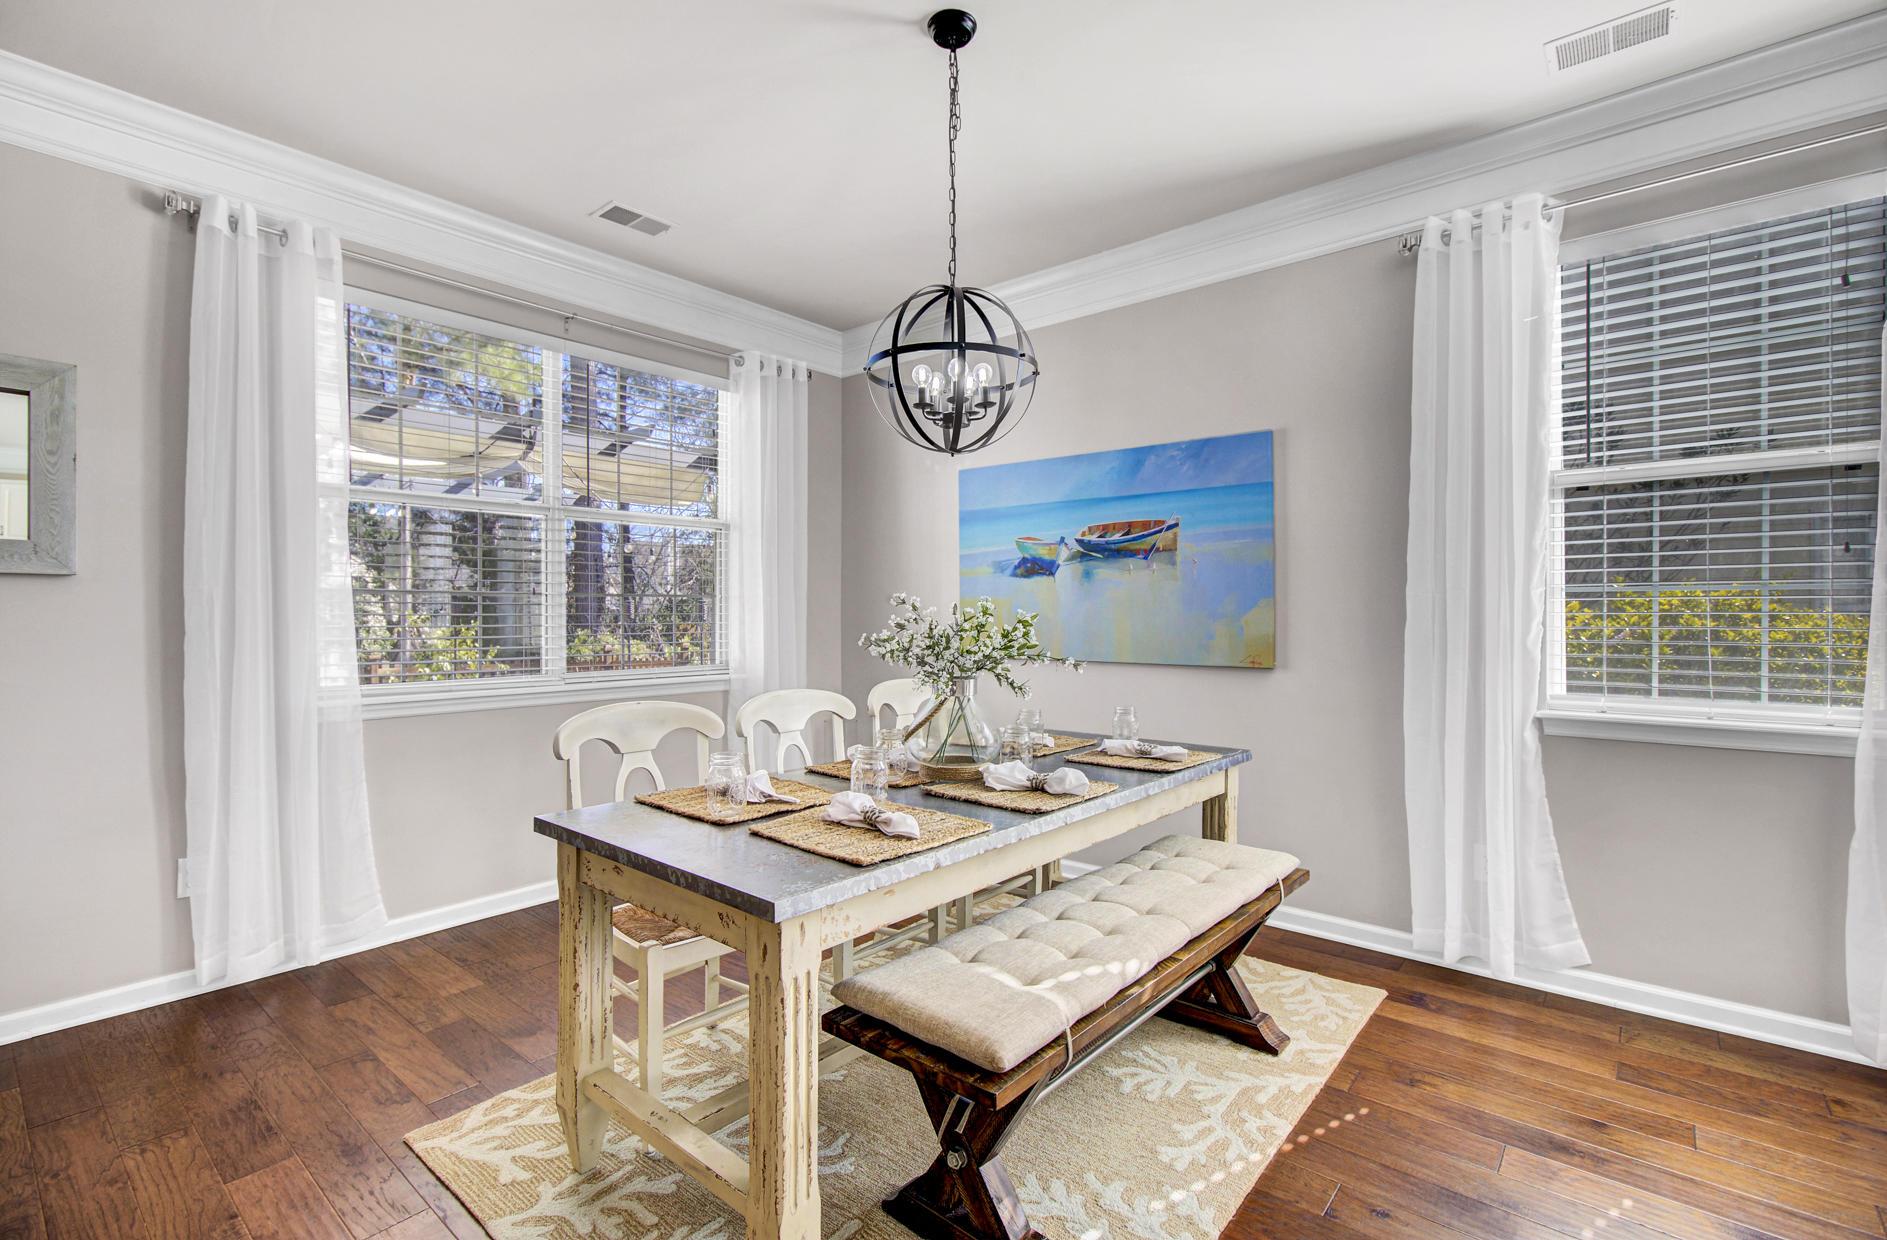 Park West Homes For Sale - 1497 Endicot, Mount Pleasant, SC - 27